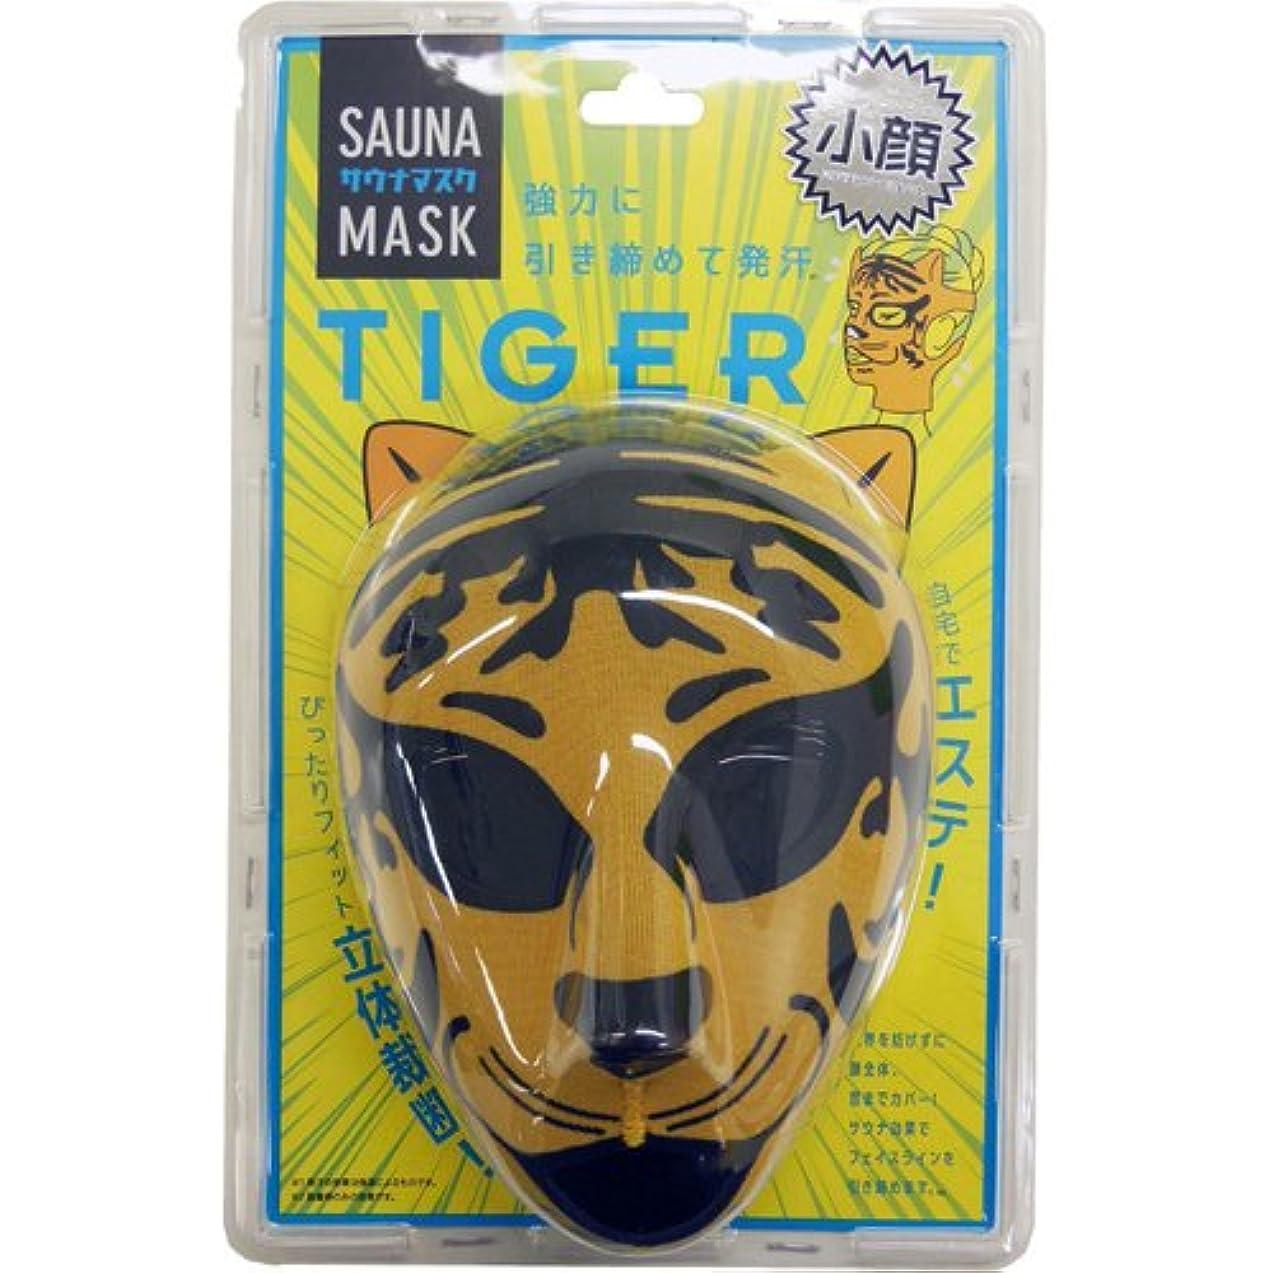 刈る確立しますトピックコジット サウナマスク TIGER (1個)